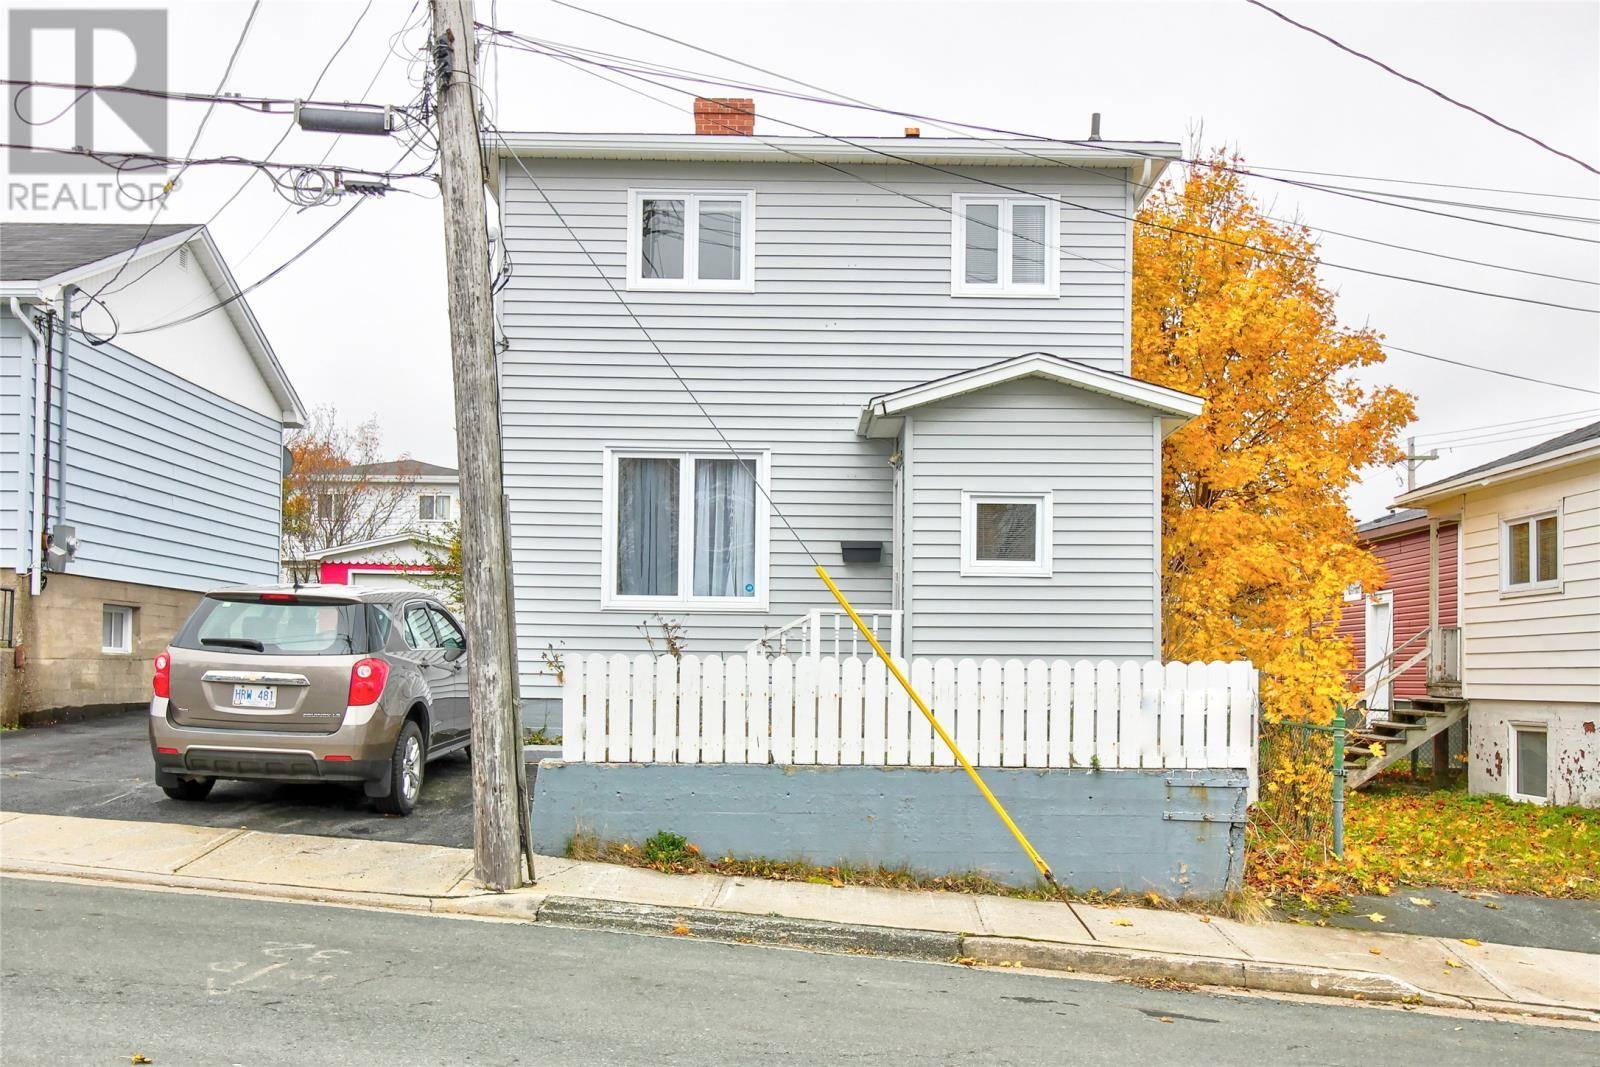 House for sale at 31 Hamel St St. John's Newfoundland - MLS: 1207007